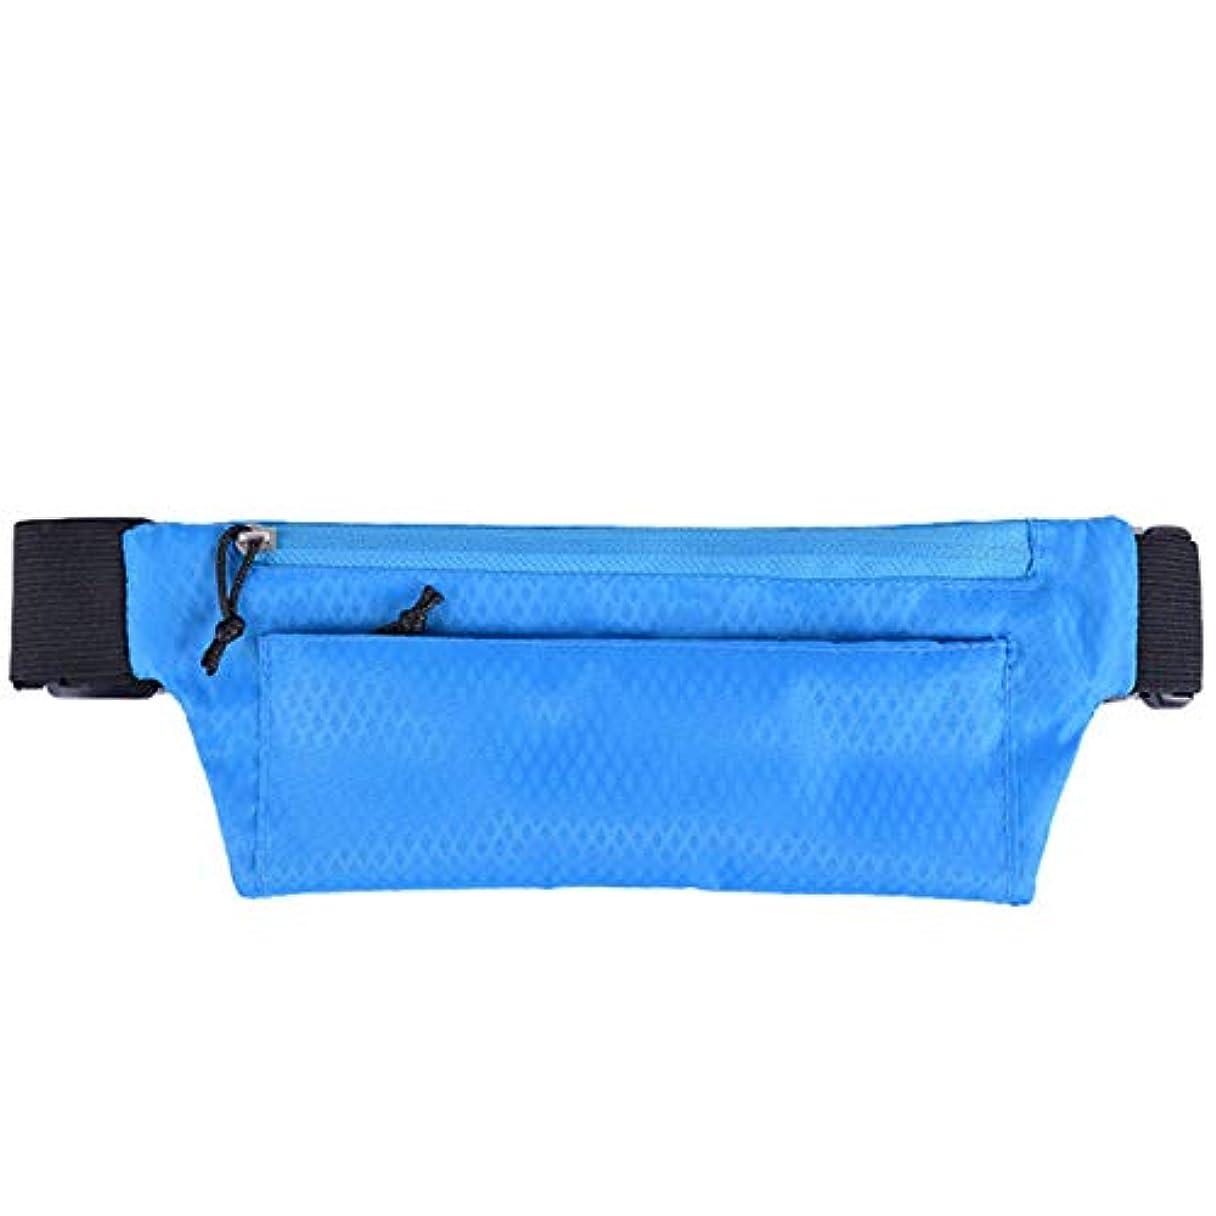 かすかな増幅器衝突CUHAWUDBA アウトドアスポーツウエストパックポケット超薄型防水パックベルトバッグ電話ポーチファニーバッグ 男性女性のウエストパックハンギングバッグ